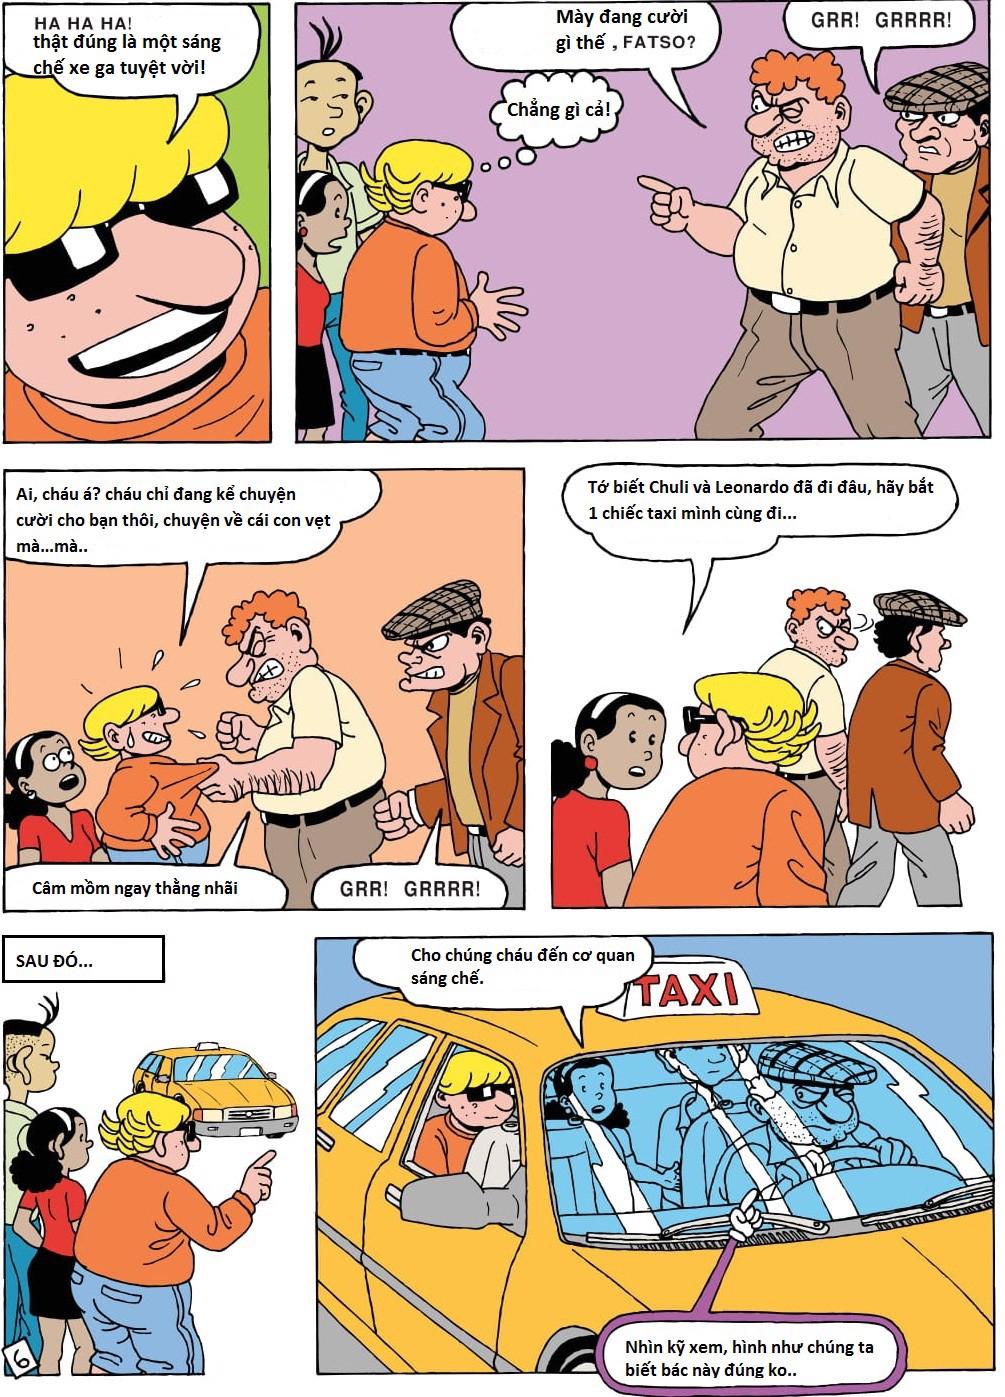 luật sáng chế sở hữu trí tuệ dễ hiểu hoạt hình